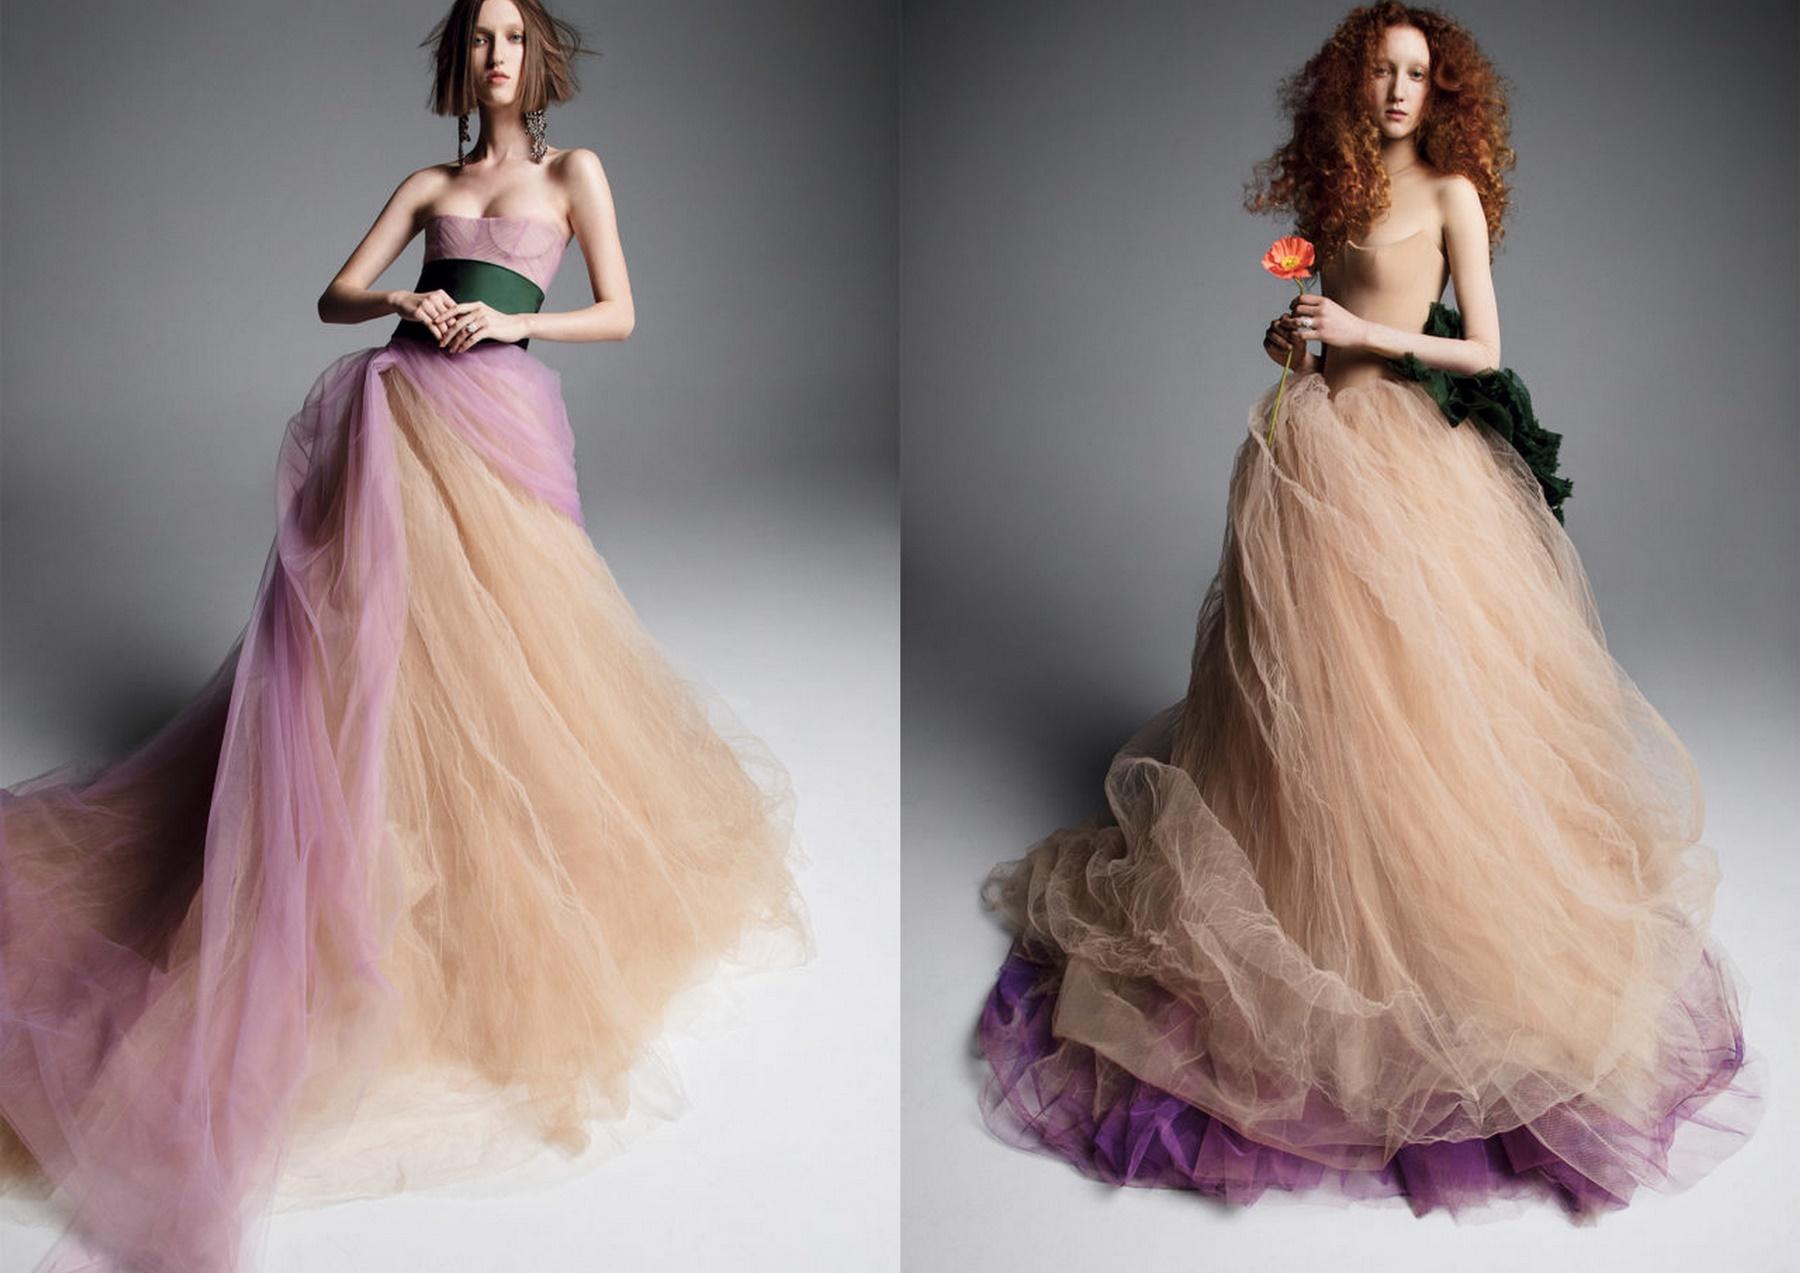 najmodniejsze suknie ślubne - kolorowe suknie ślubne